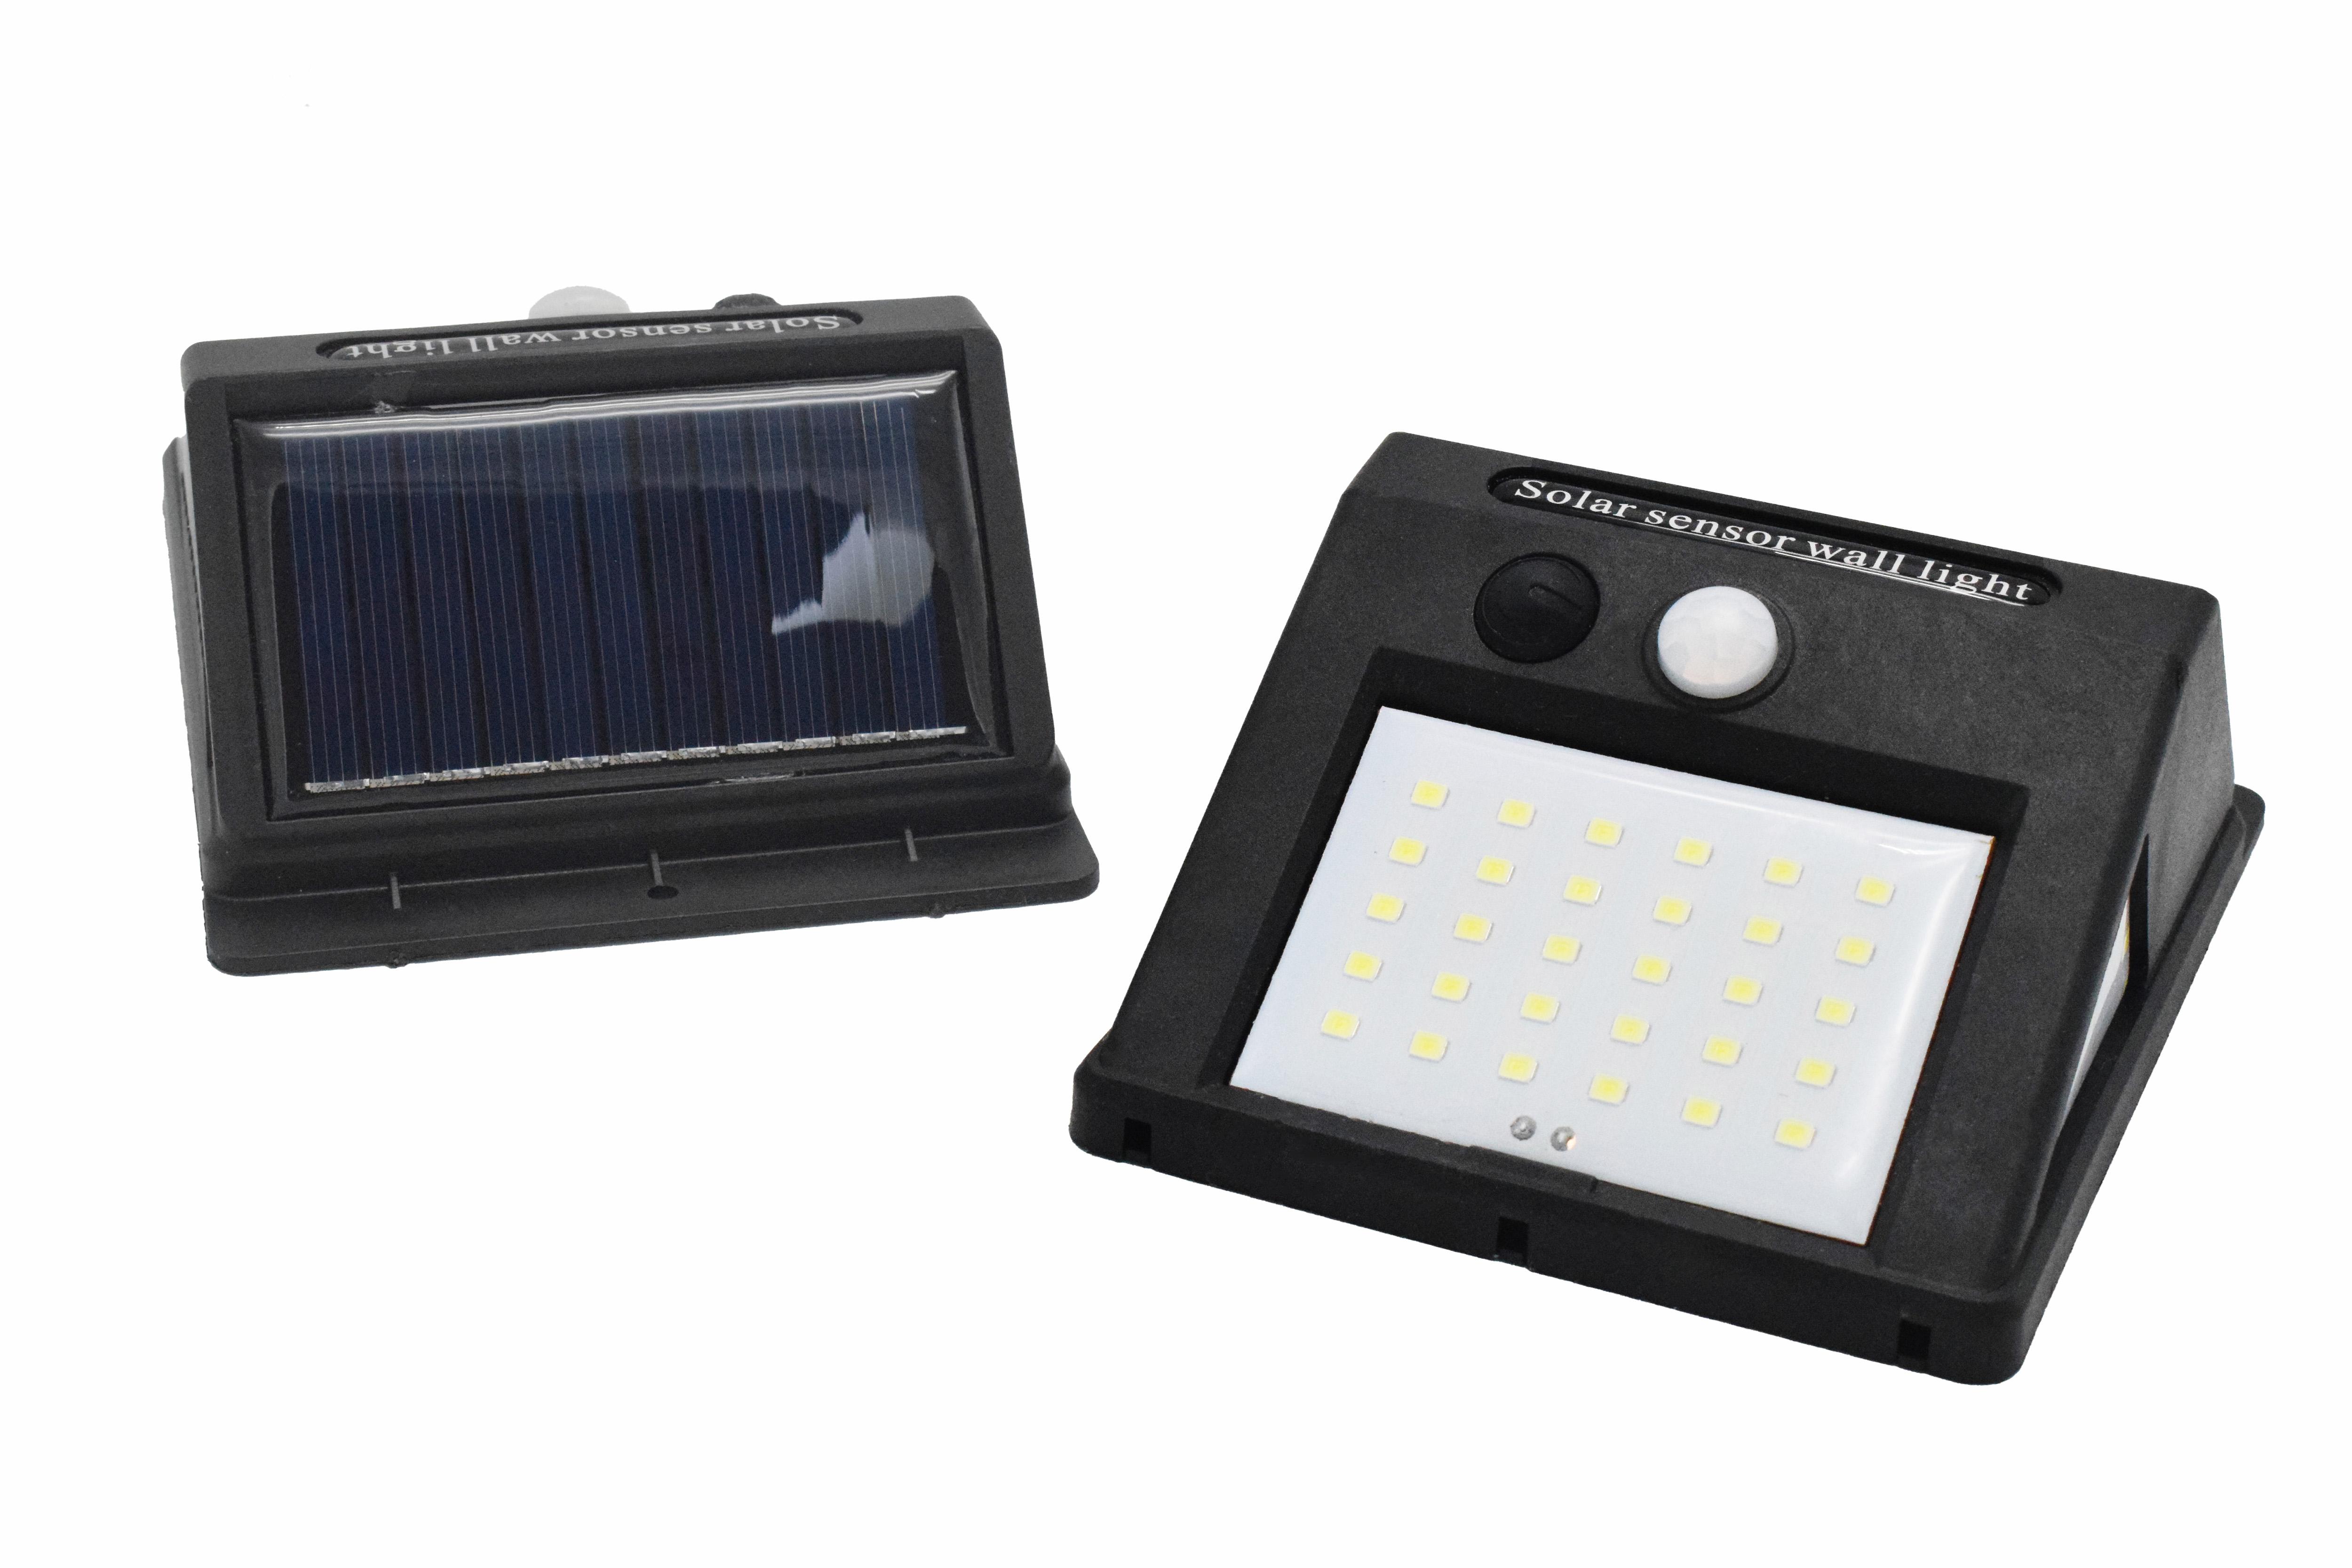 Solar powerful LED wall light